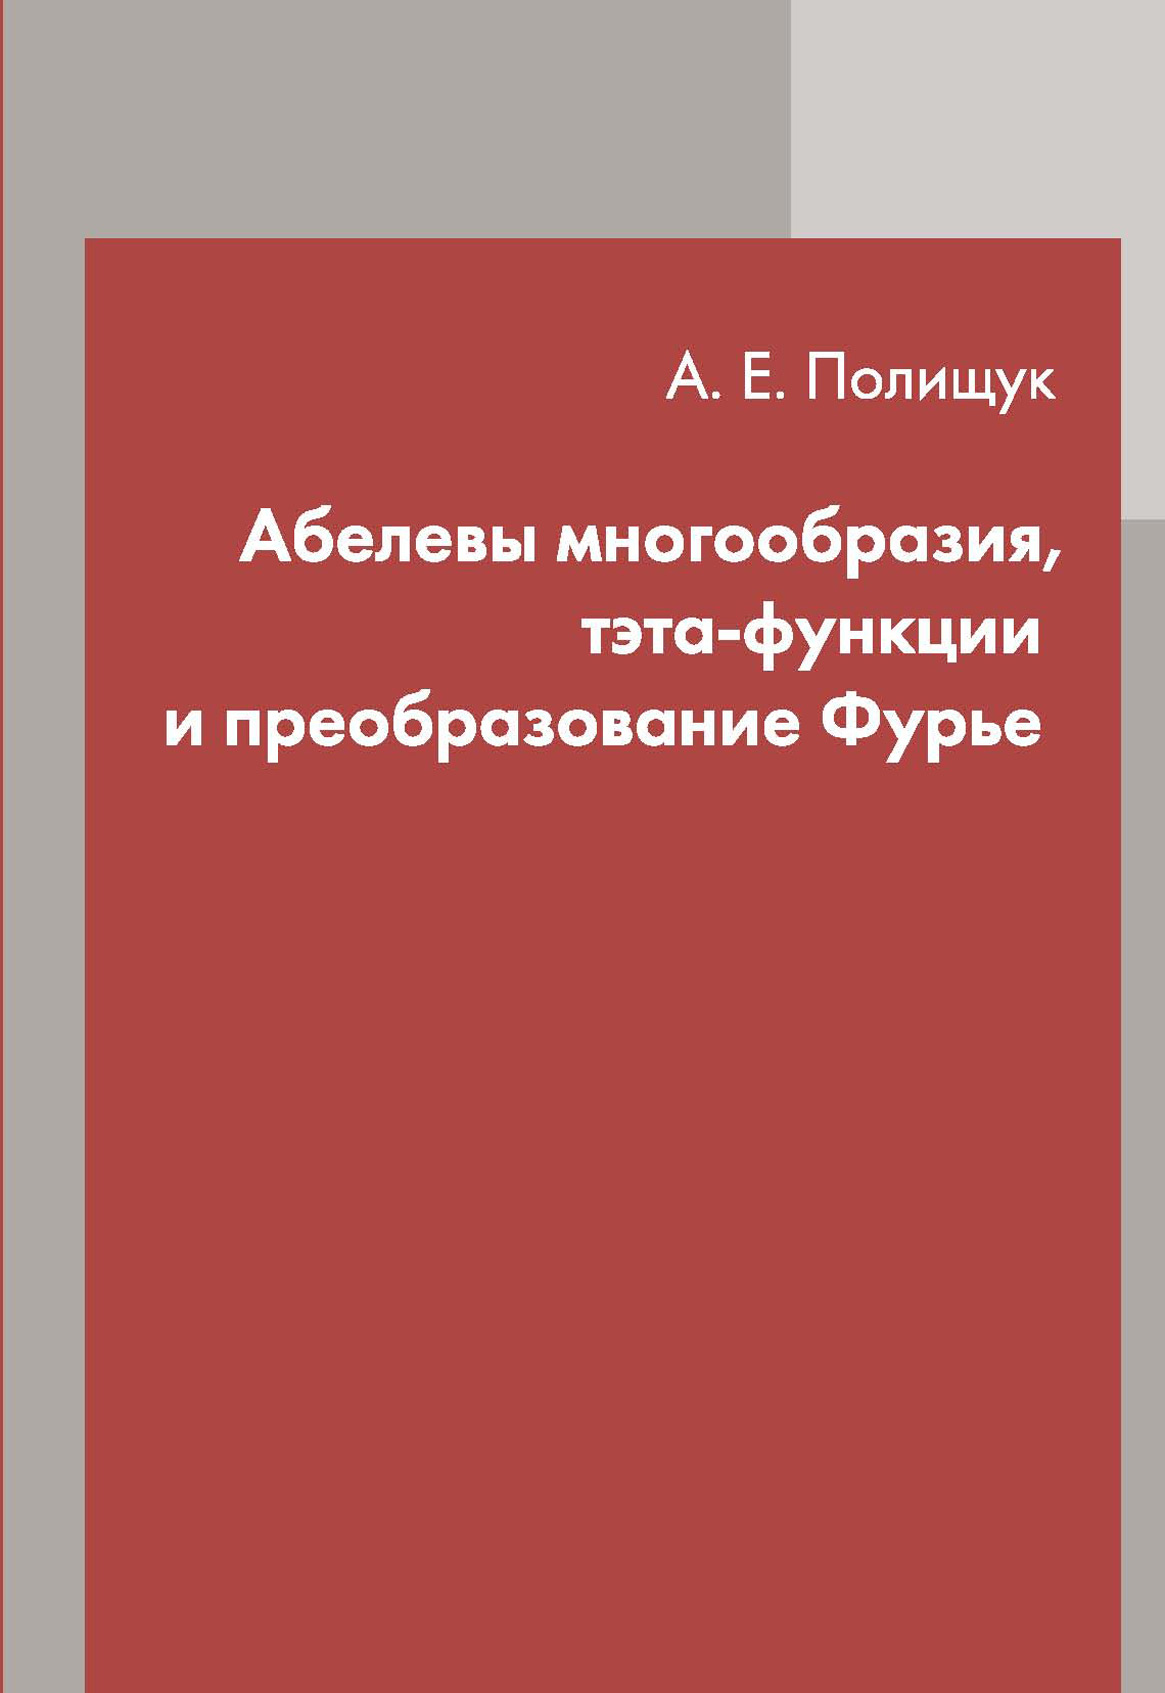 Абелевы многообразия, тэта-функции и преобразование Фурье